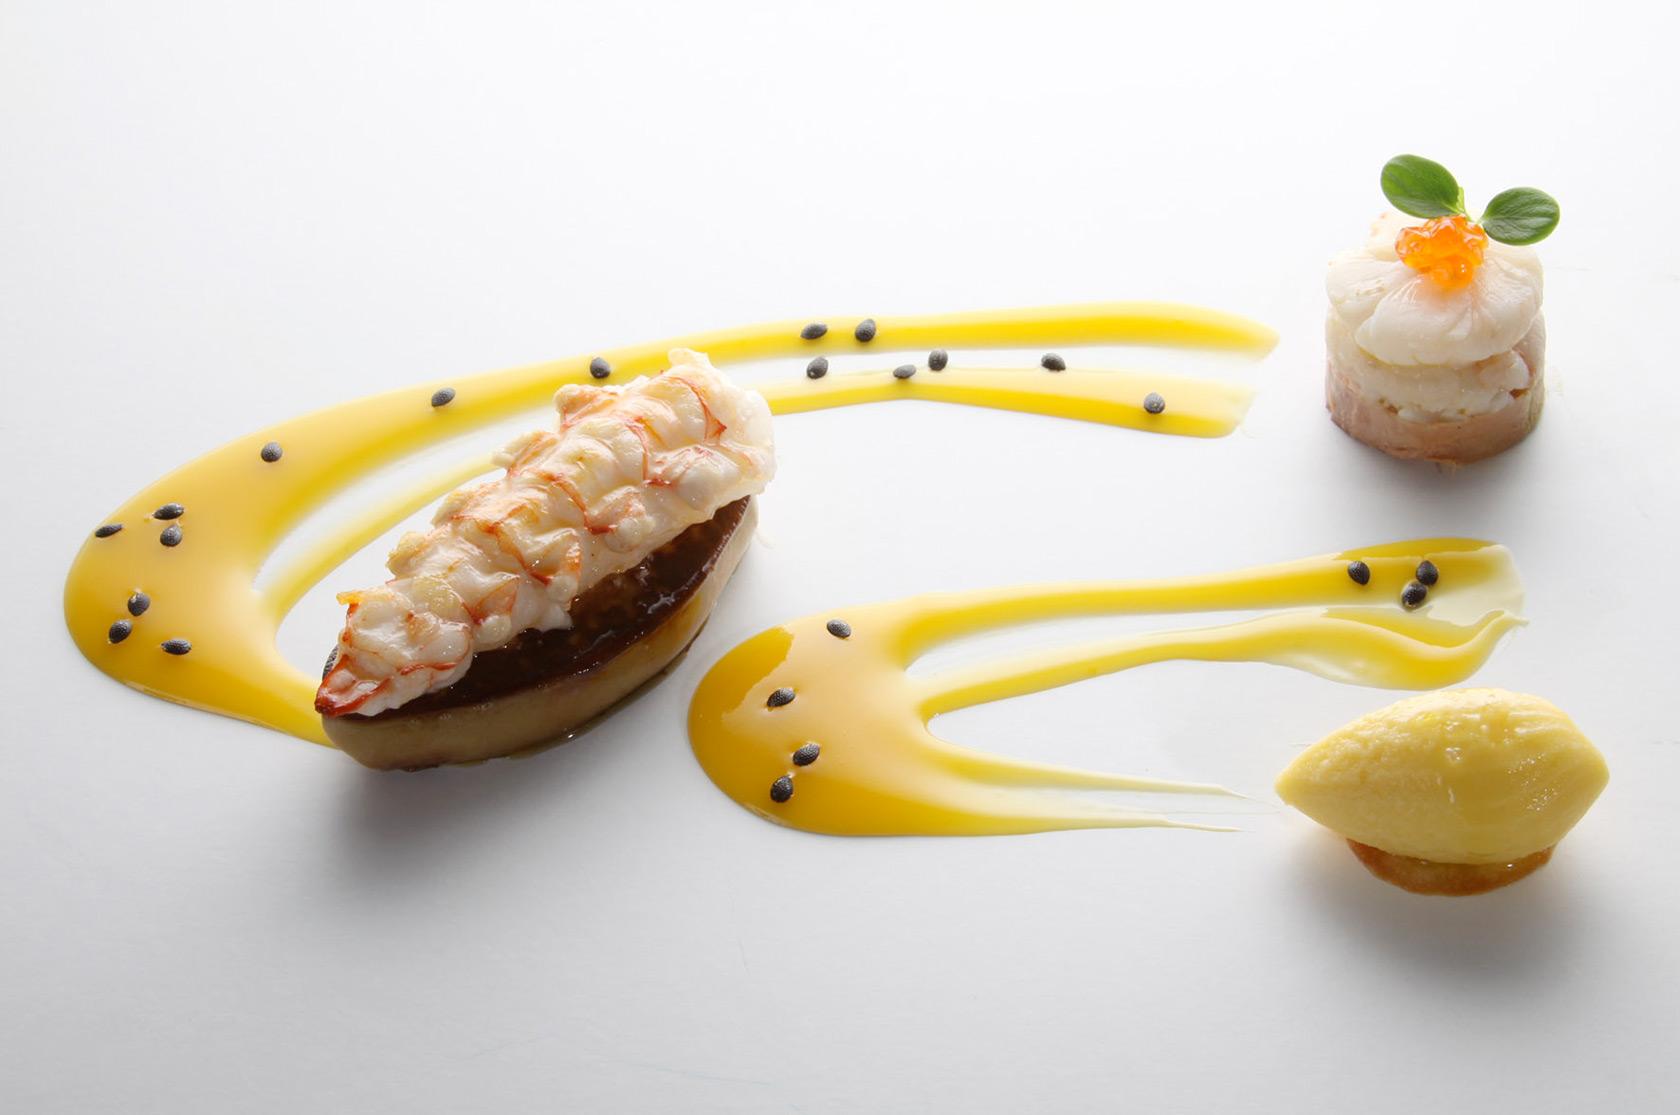 fegato-oca-scampi-frutto-passione-arnolfo-ristorante_Chef-Gaetano-Trovato